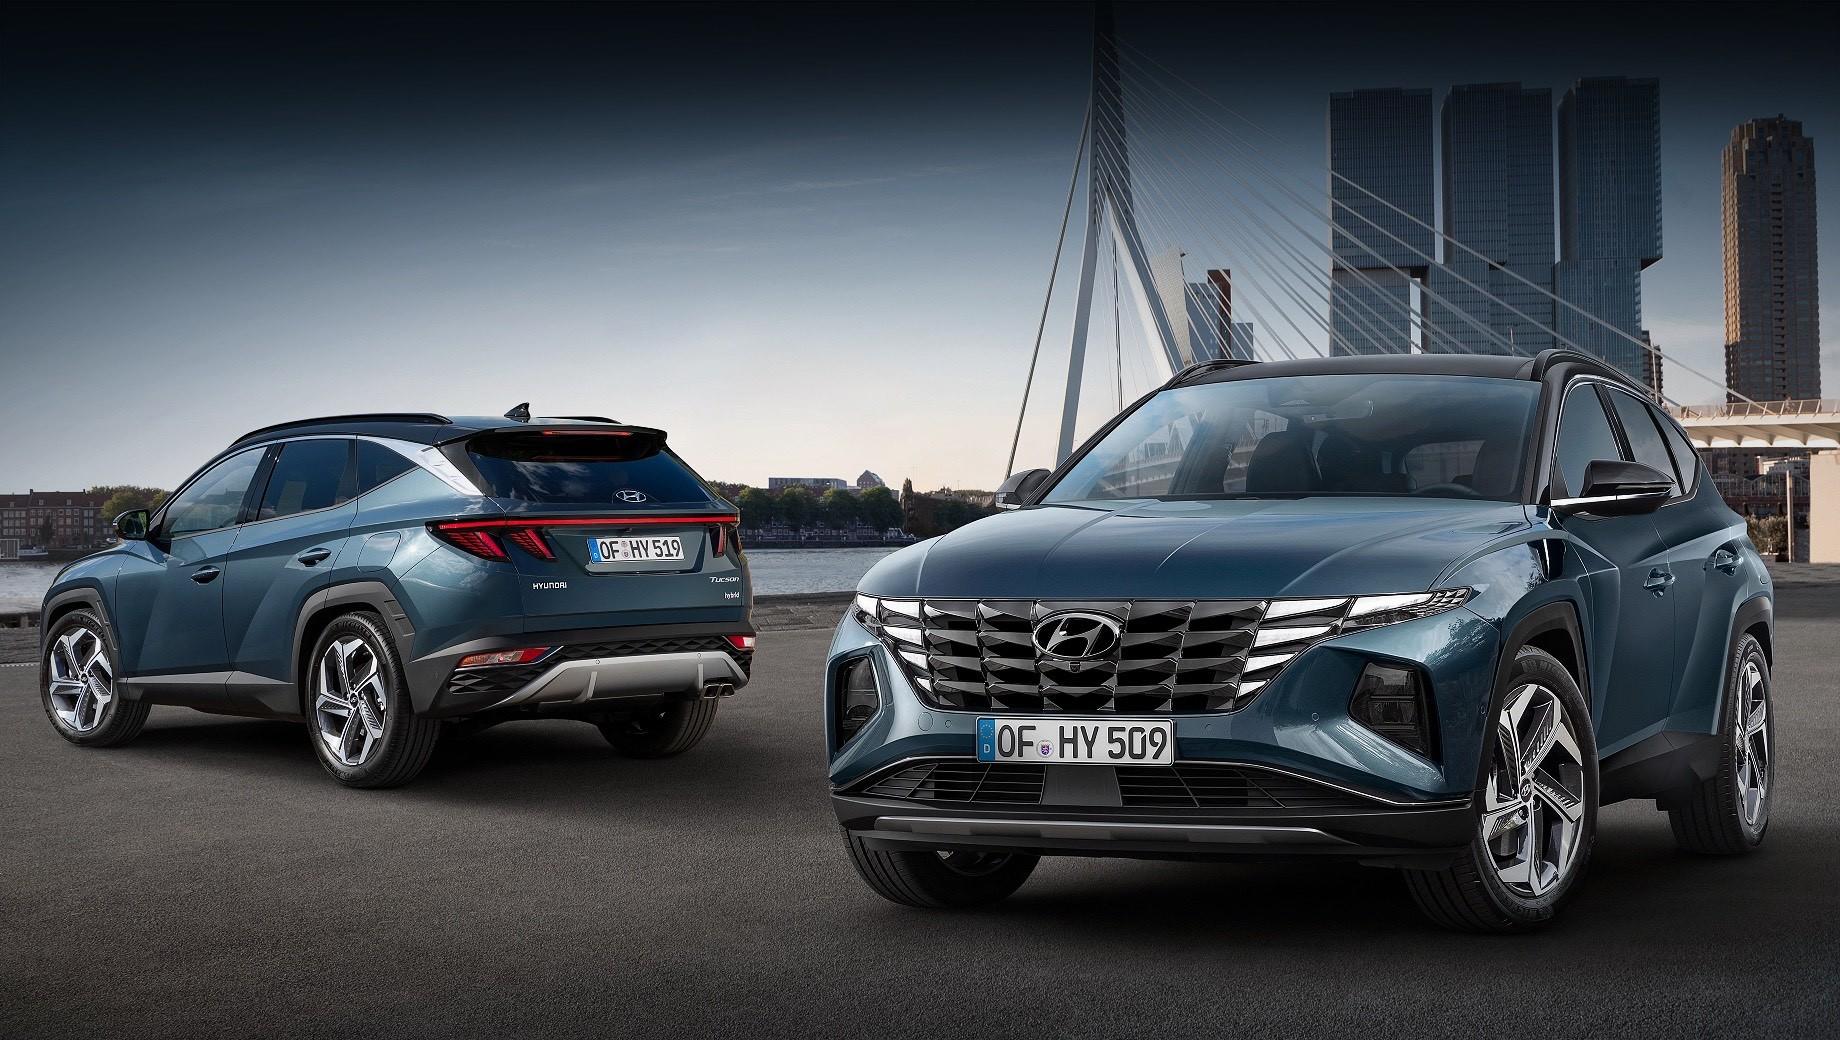 Hyundai tucson. В Южной Корее кроссовер пойдёт в продажу с сентября этого года, а в США и Европе — с первой половины 2021-го. В Европе ожидаются бензиновые (150 и 180 л.с.) и дизельные (115-136 л.с.) «четвёрки» 1.6, большинство из которых дополнены 48-вольтовым стартер-генератором, а также гибрид (обычный или подключаемый, 230 или 265 сил). Коробки передач — ручная iMT и преселективная с семью ступенями, привод — передний или подключаемый полный с внедорожными режимами езды.